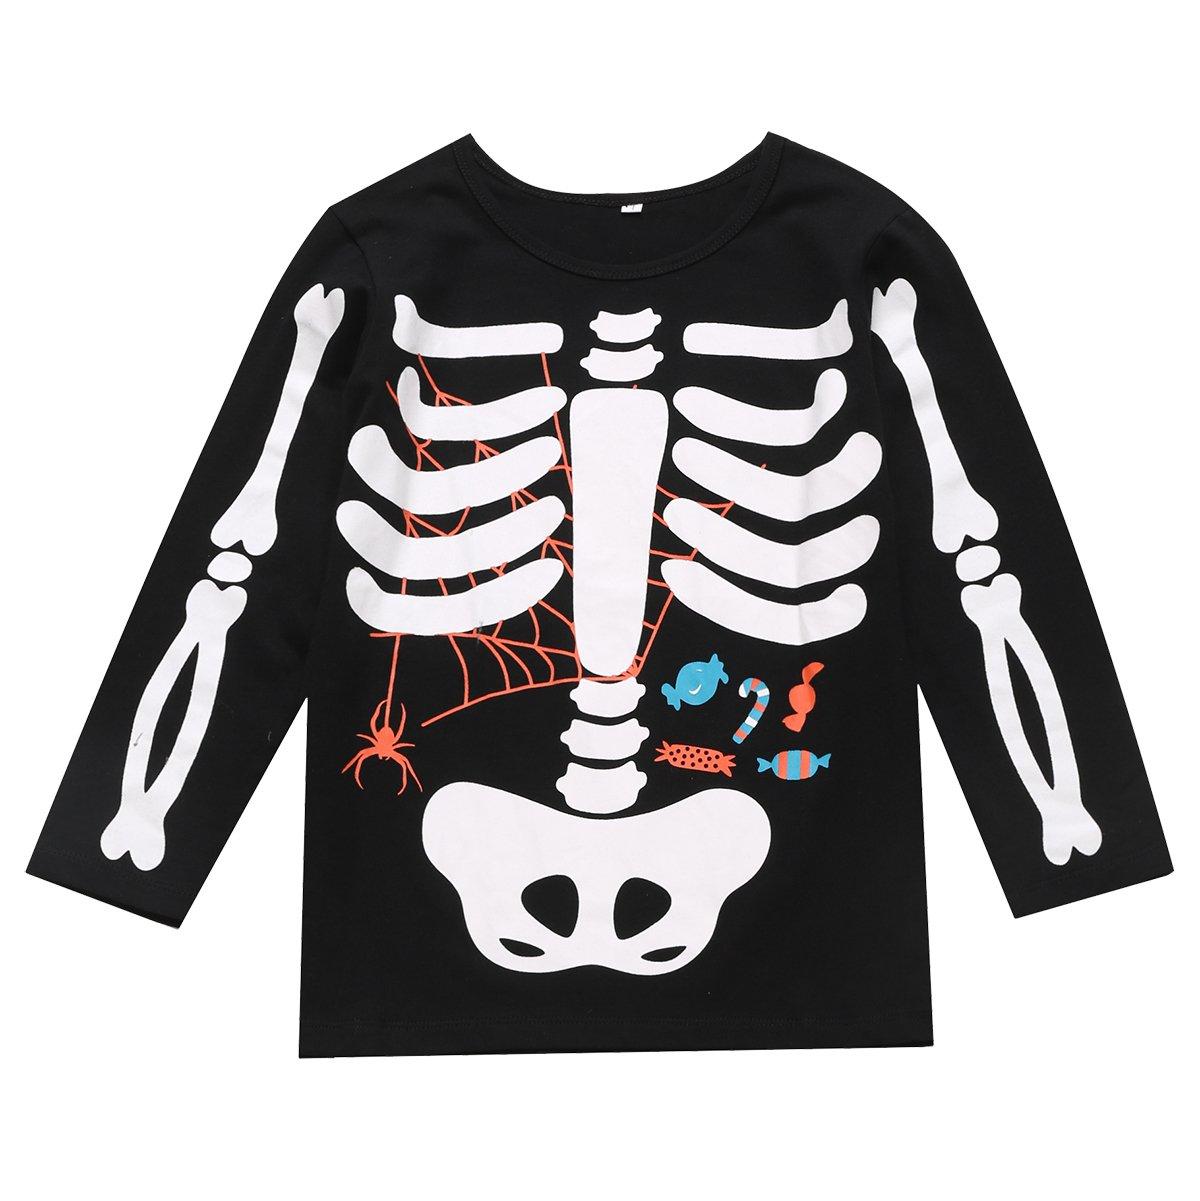 Little Fancy Halloween Unisex Boys' Kids Skeleton Costume Outfit Pants Set (7T) by Little Fancy (Image #2)